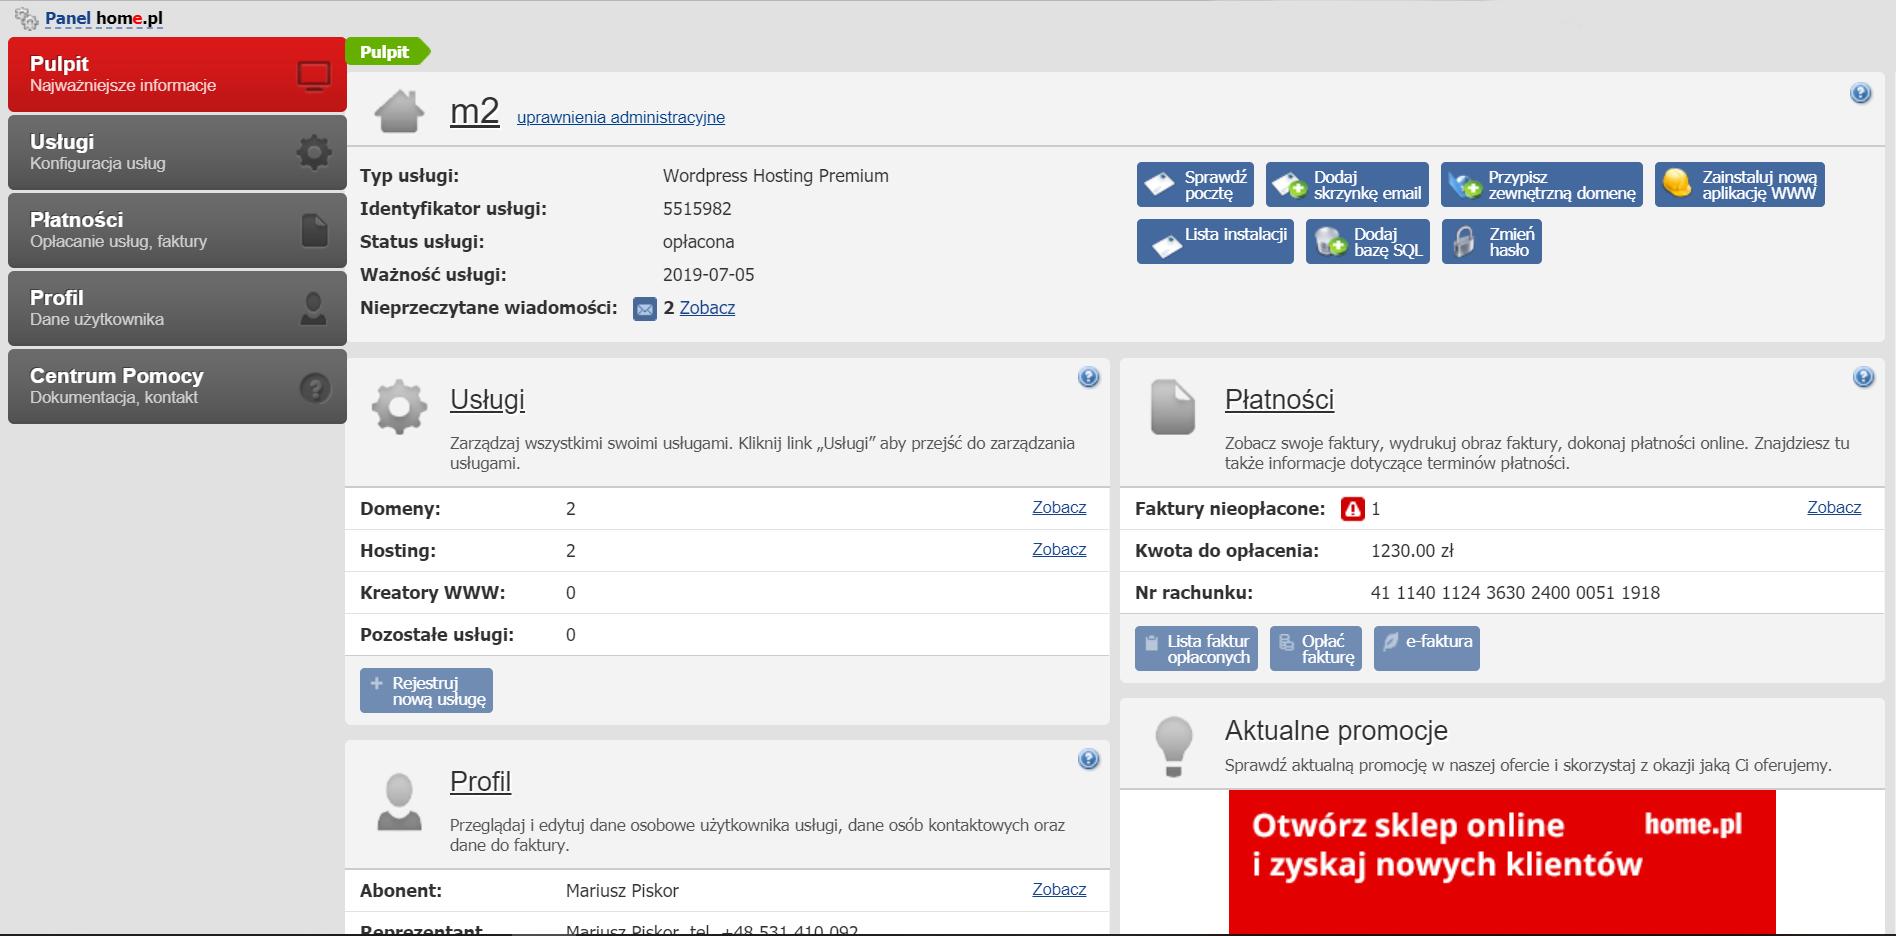 Poprzedni Panel Klienta home.pl - Przykładowy widok pulpitu poprzedniej platformy home.pl